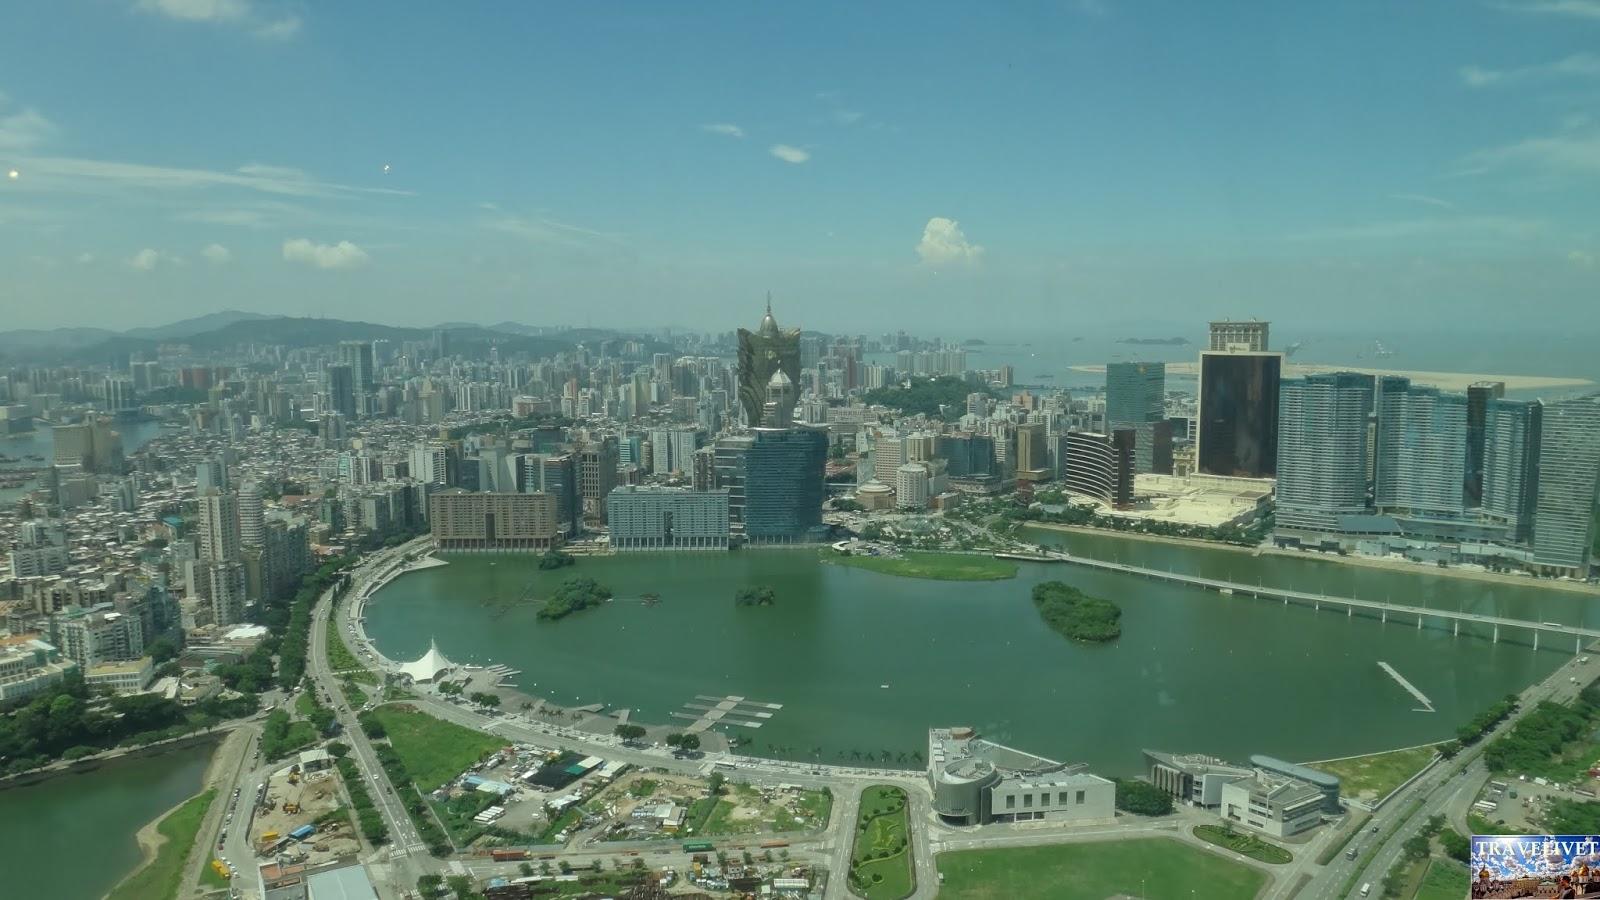 Chine China Macao Macau tour